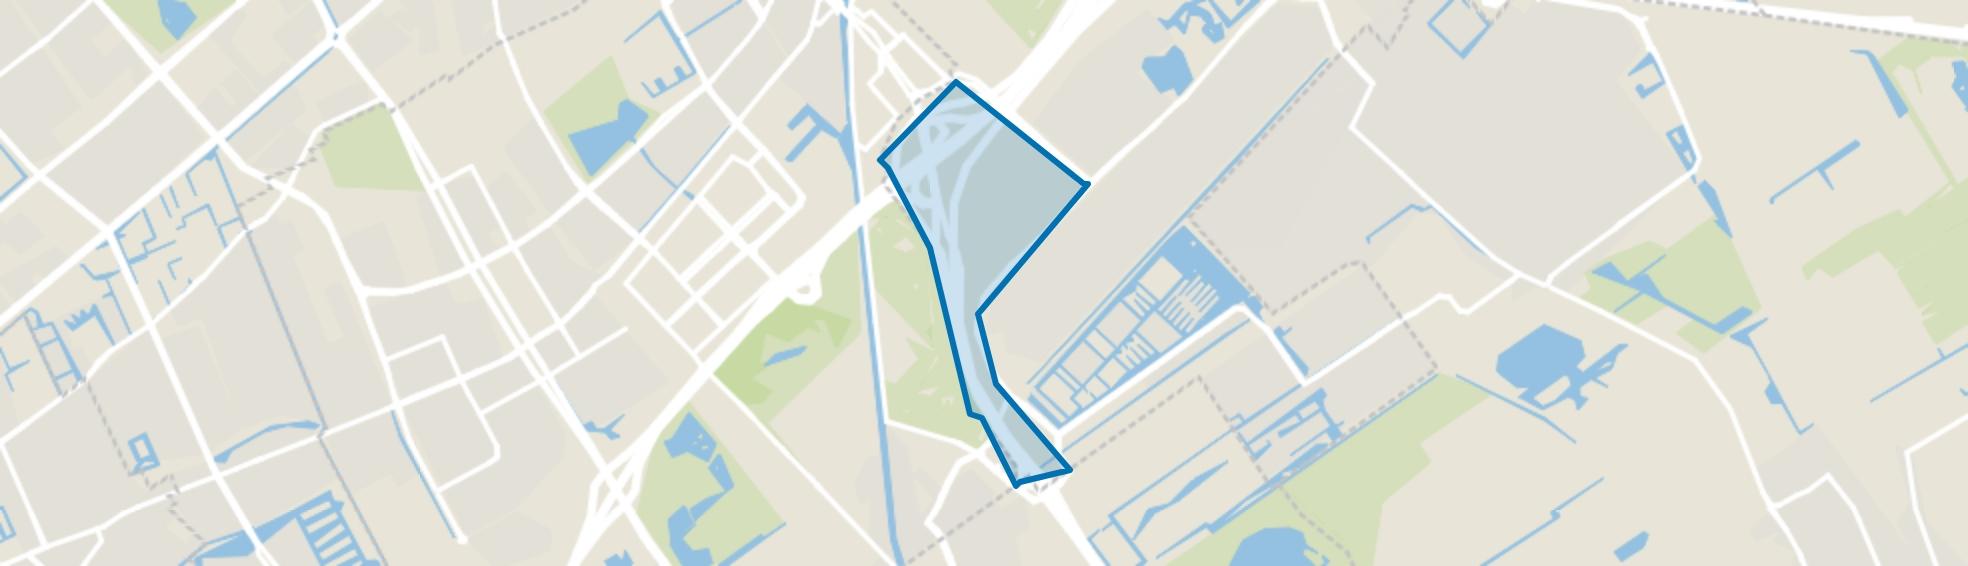 Vliegeniersbuurt, Den Haag map